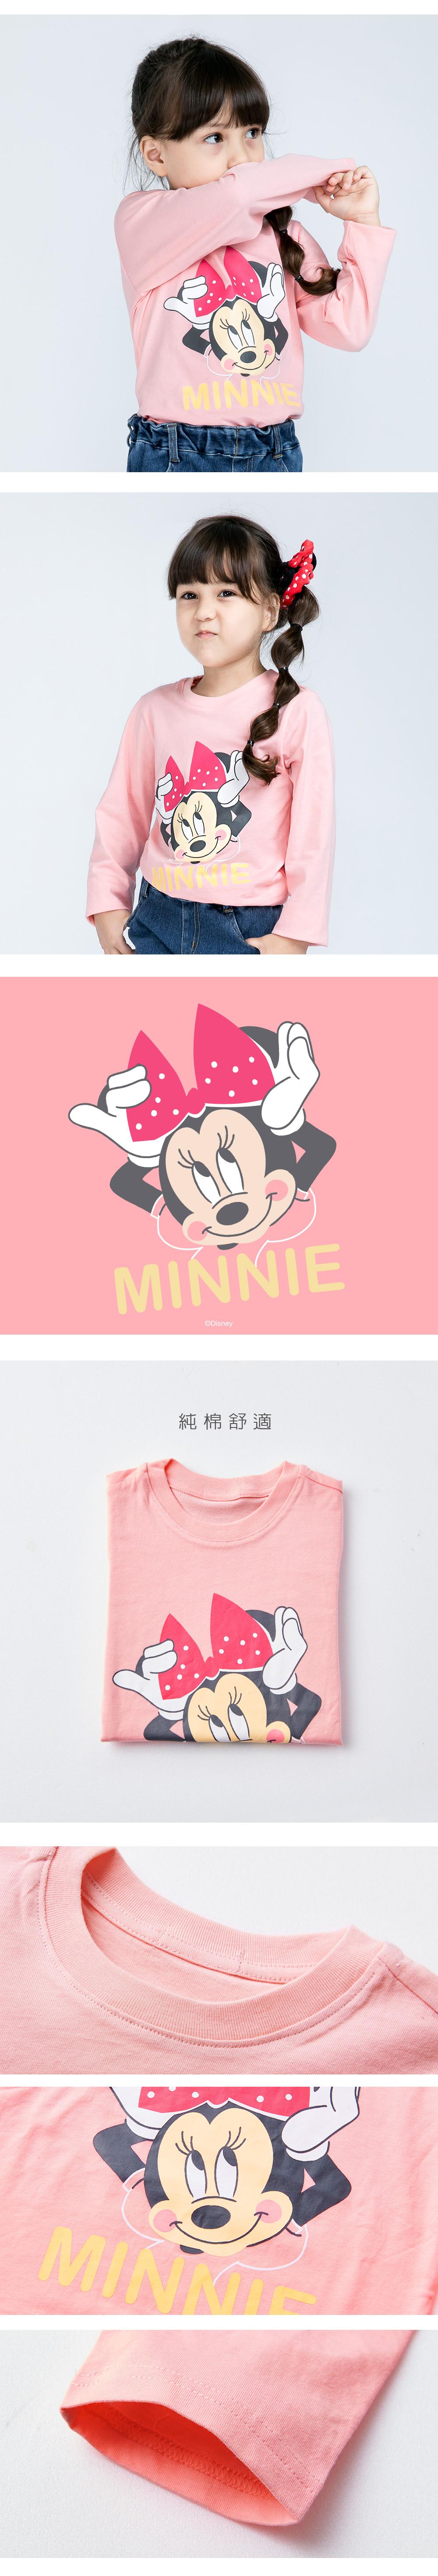 米妮長袖上衣-01